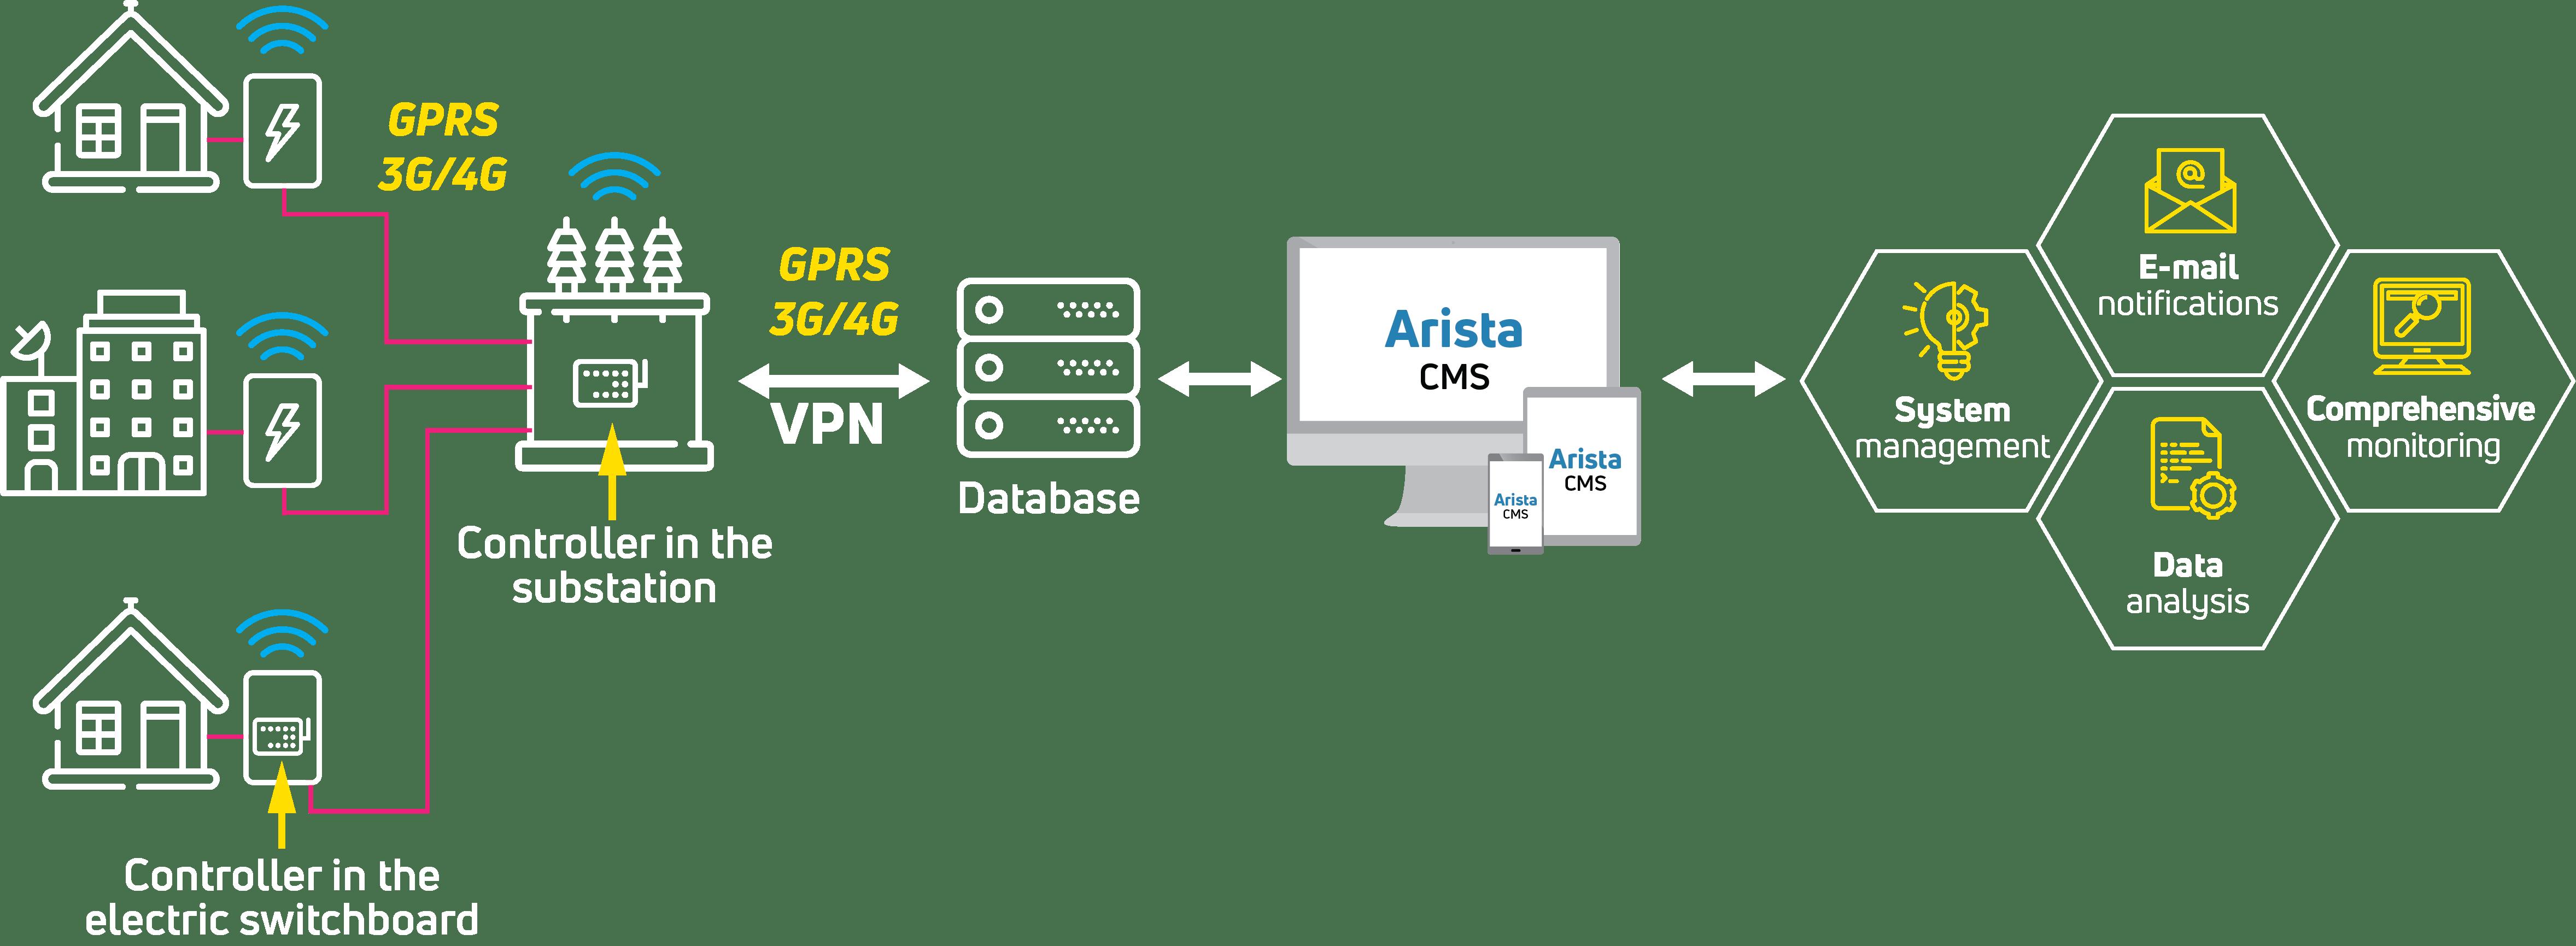 Monitoring substations